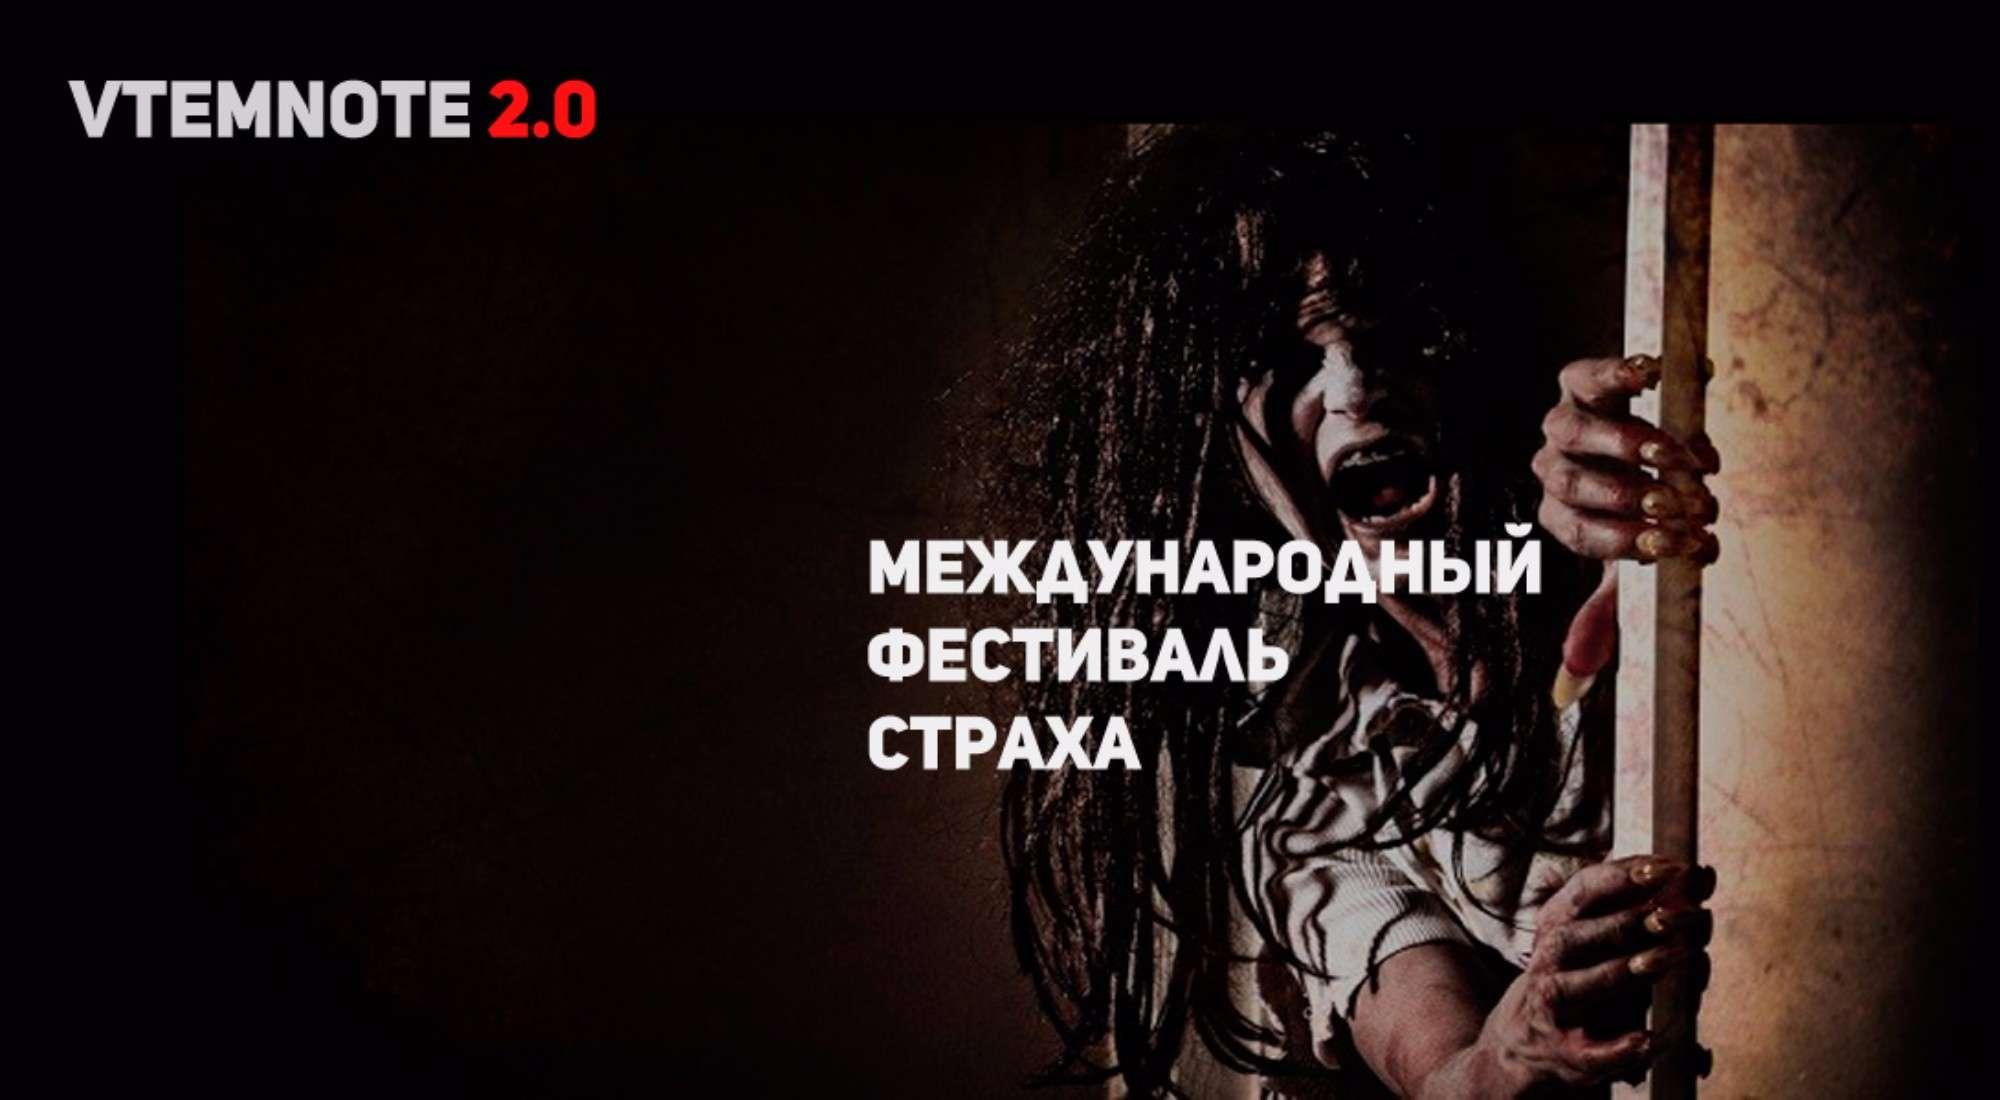 Фото квеста Фестиваль страха.Выставка № 13 Москва VTEMNOTE 2.0